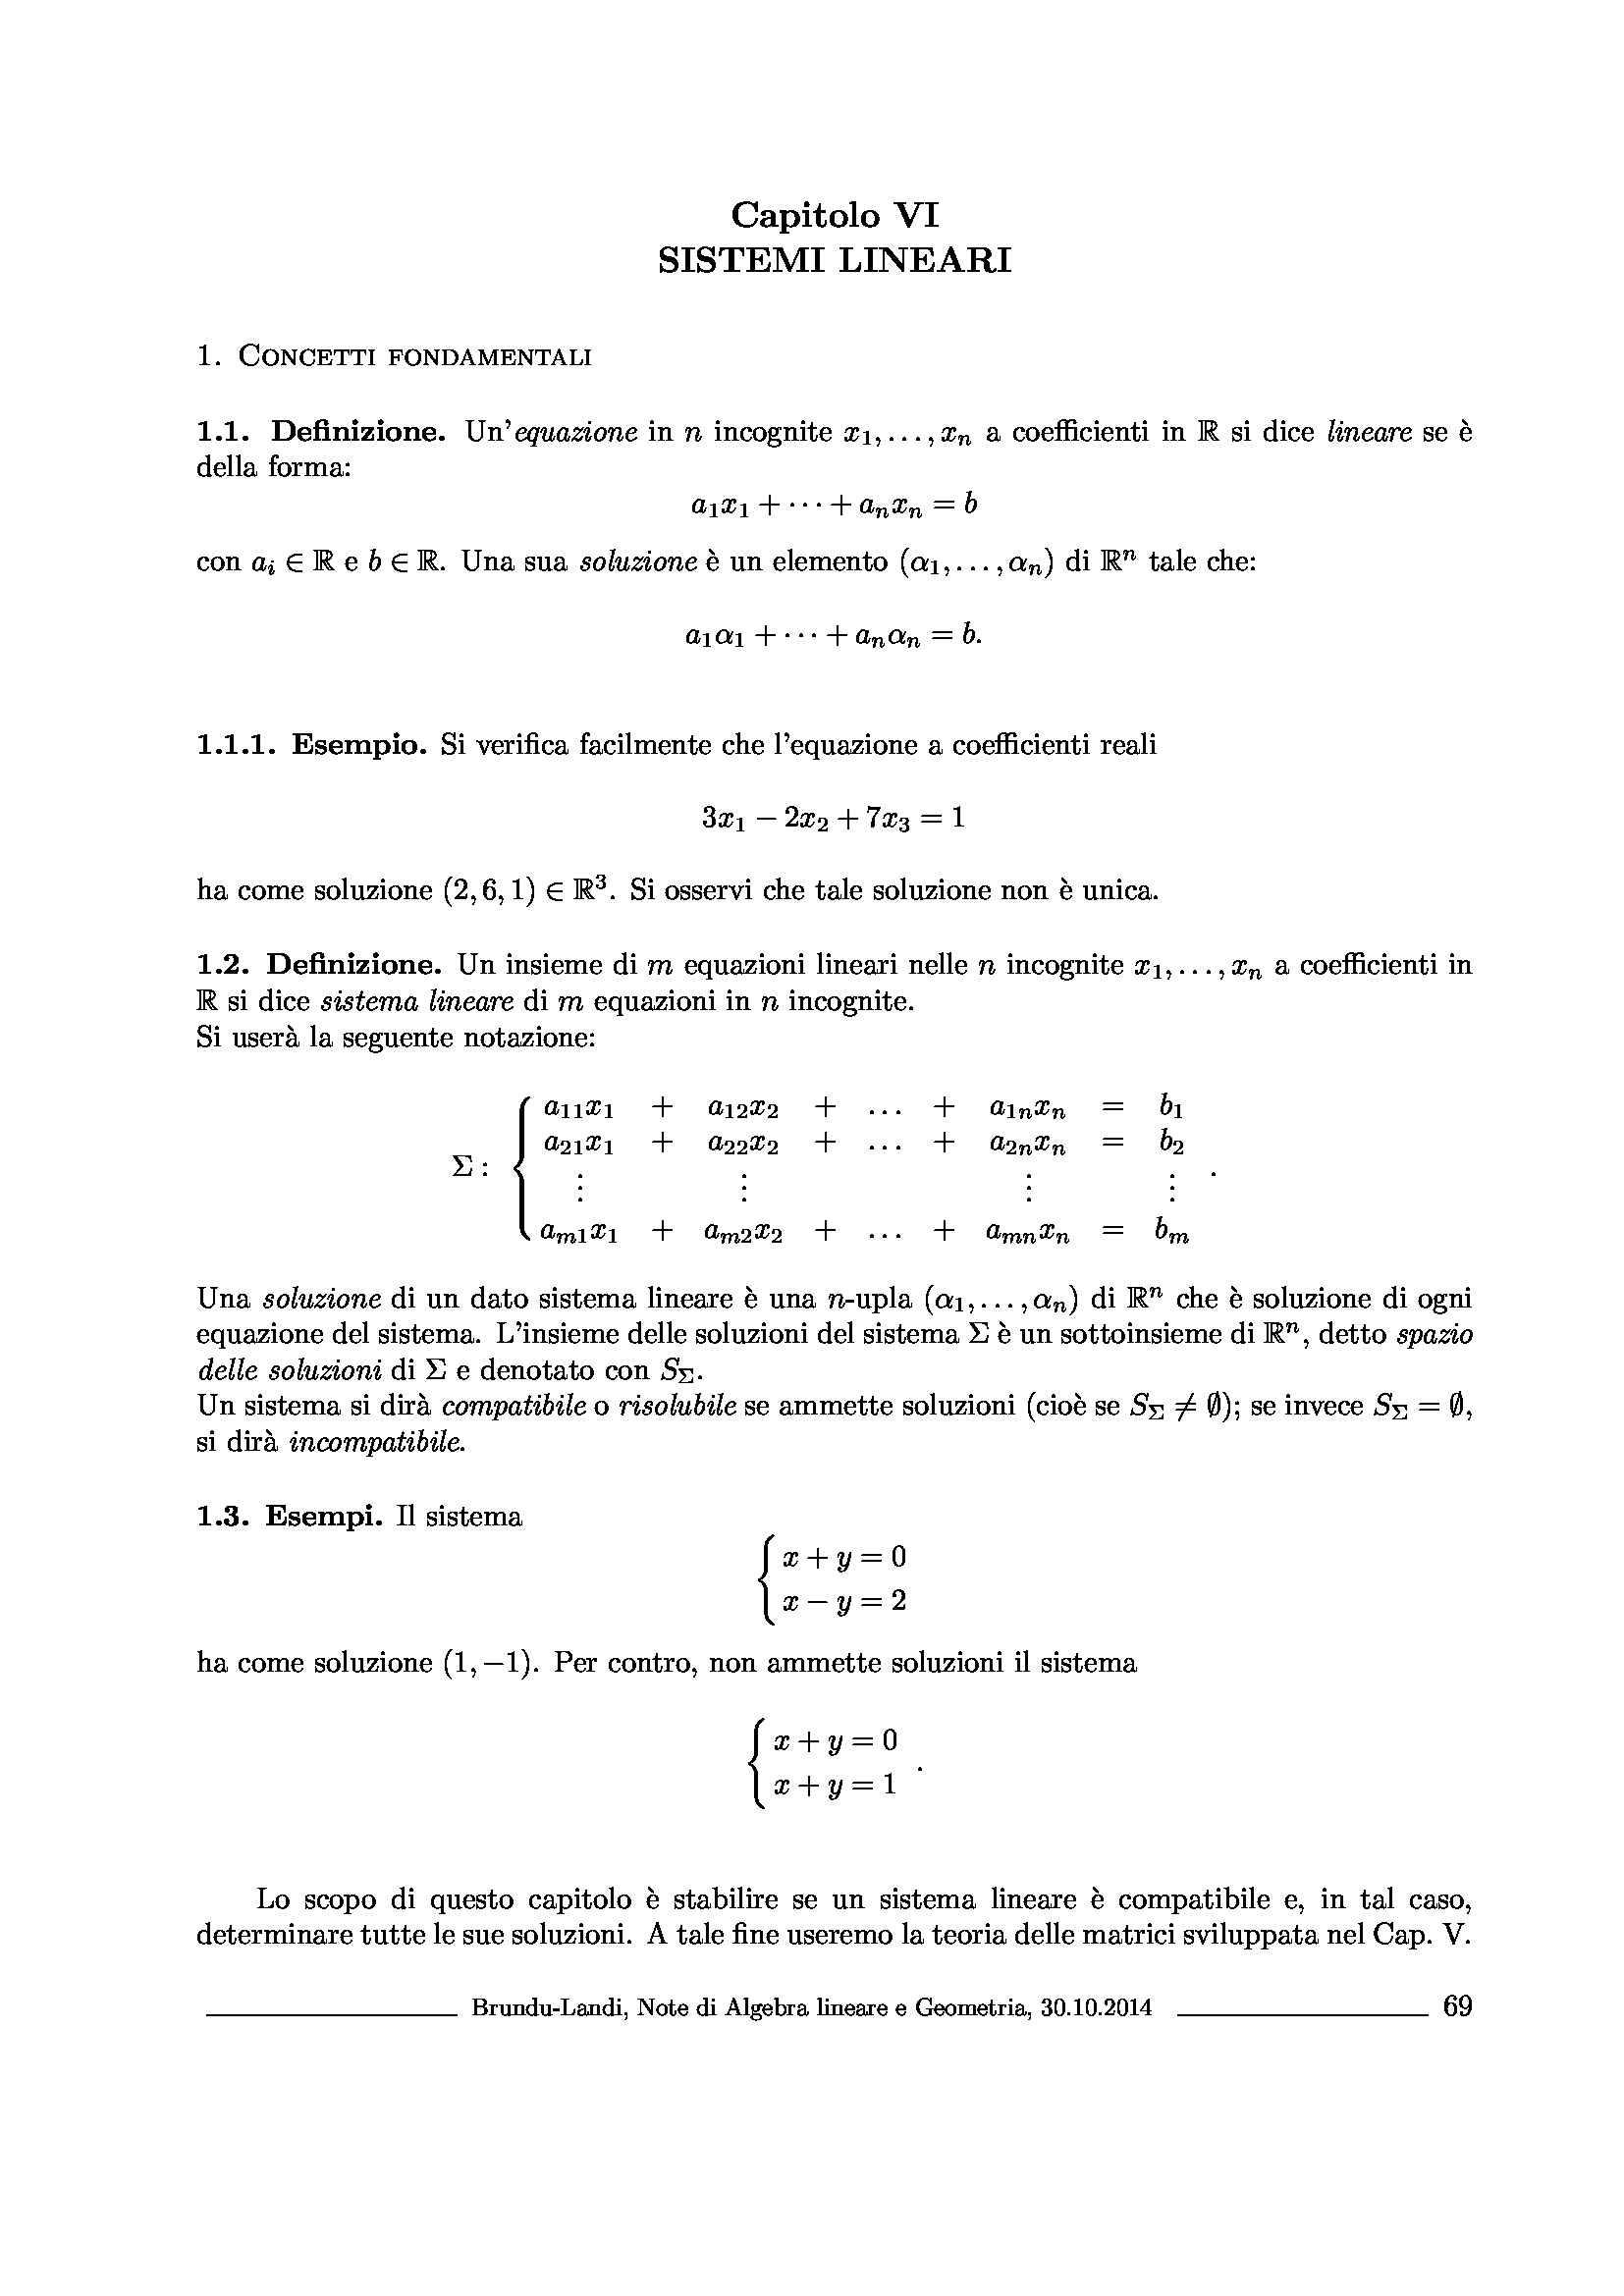 Dispensa di Matematica - Sistemi lineari